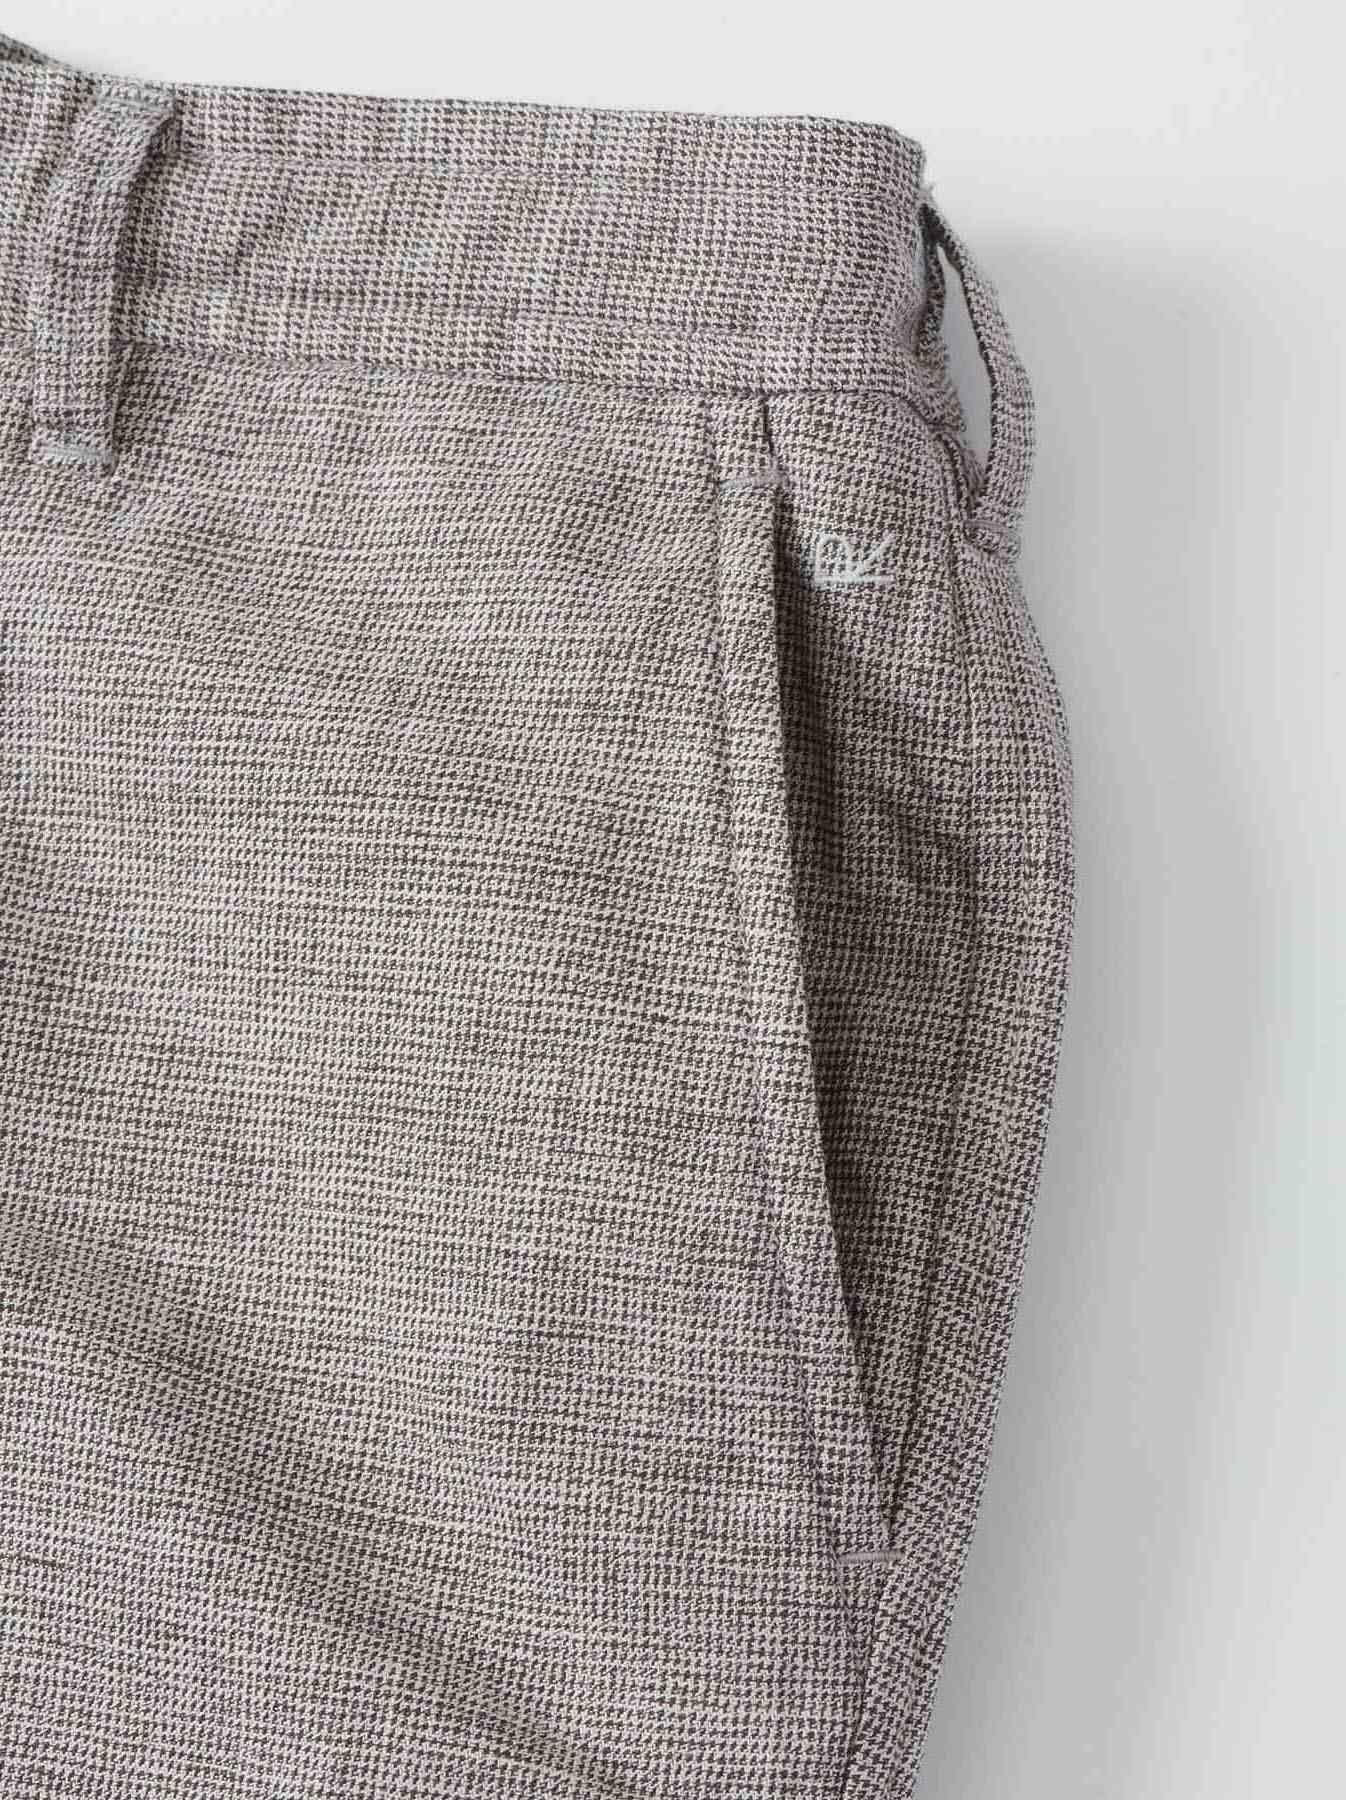 WH Cotton Tweed 908 Easy Slacks-8